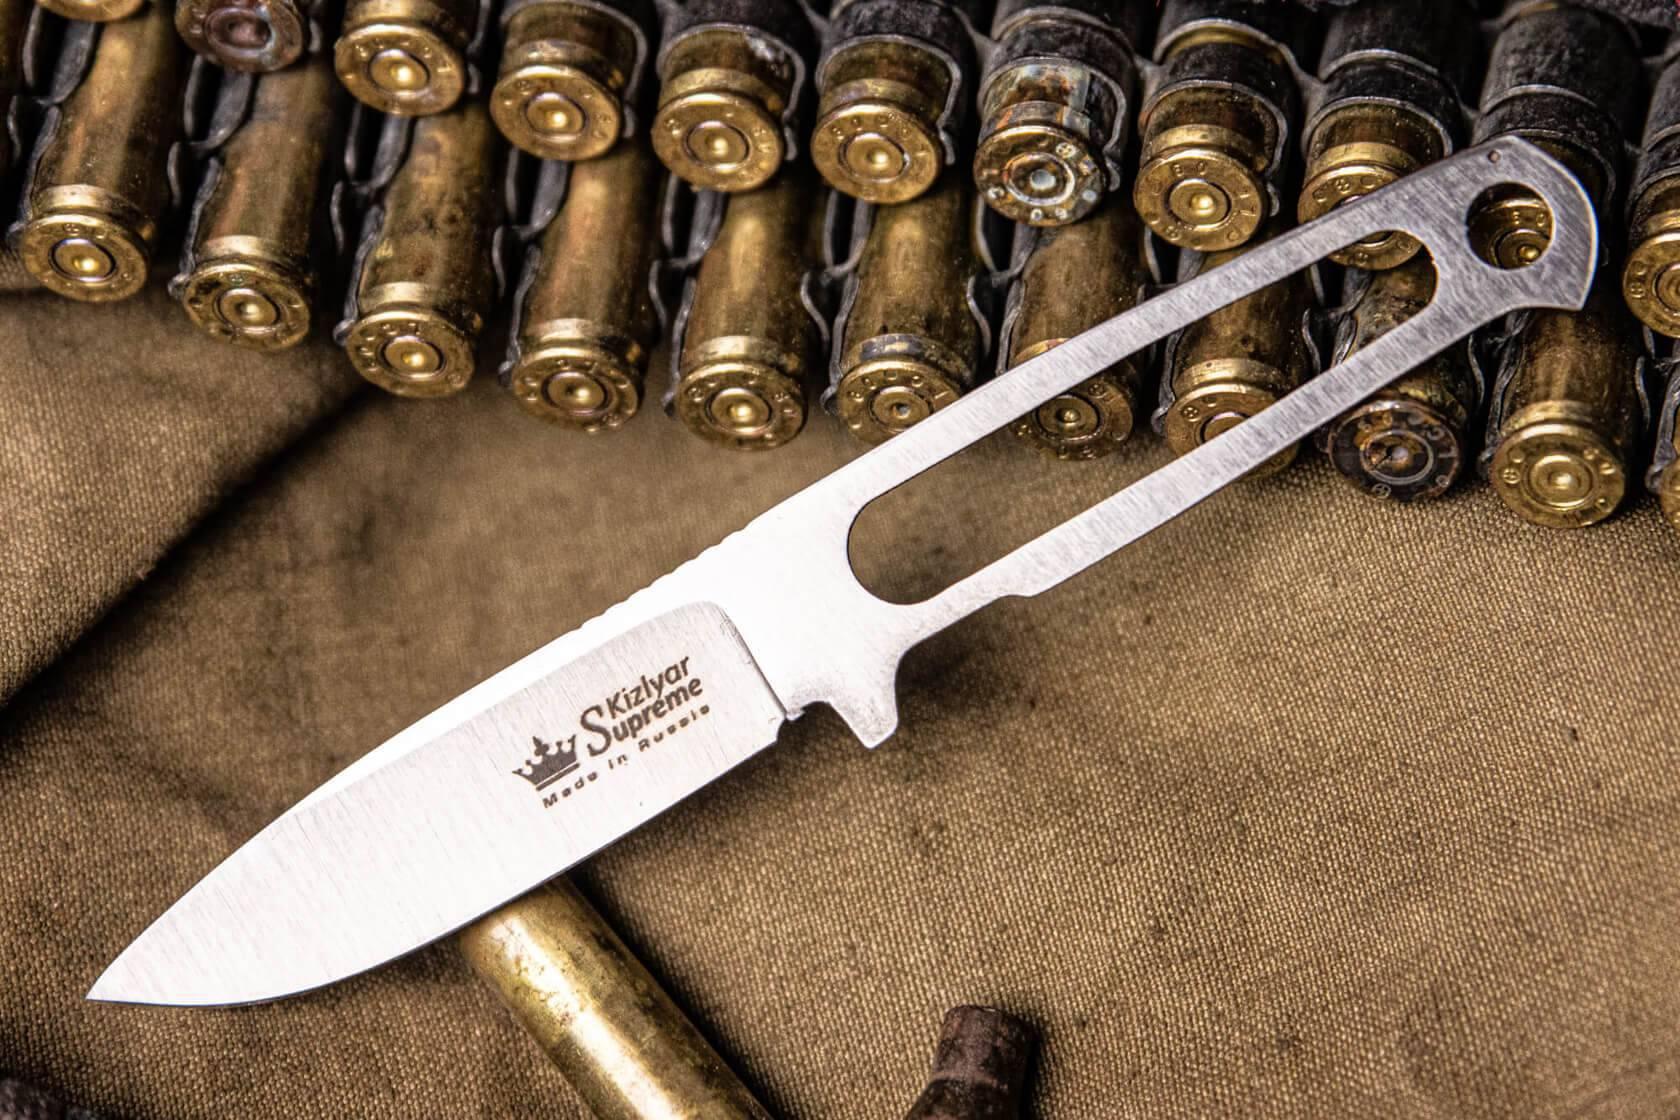 EDC/Шейный нож Kizlyar Supreme, небольшой нож для ношения на шее и в сумке, Кизляр Суприм, Sturm mini